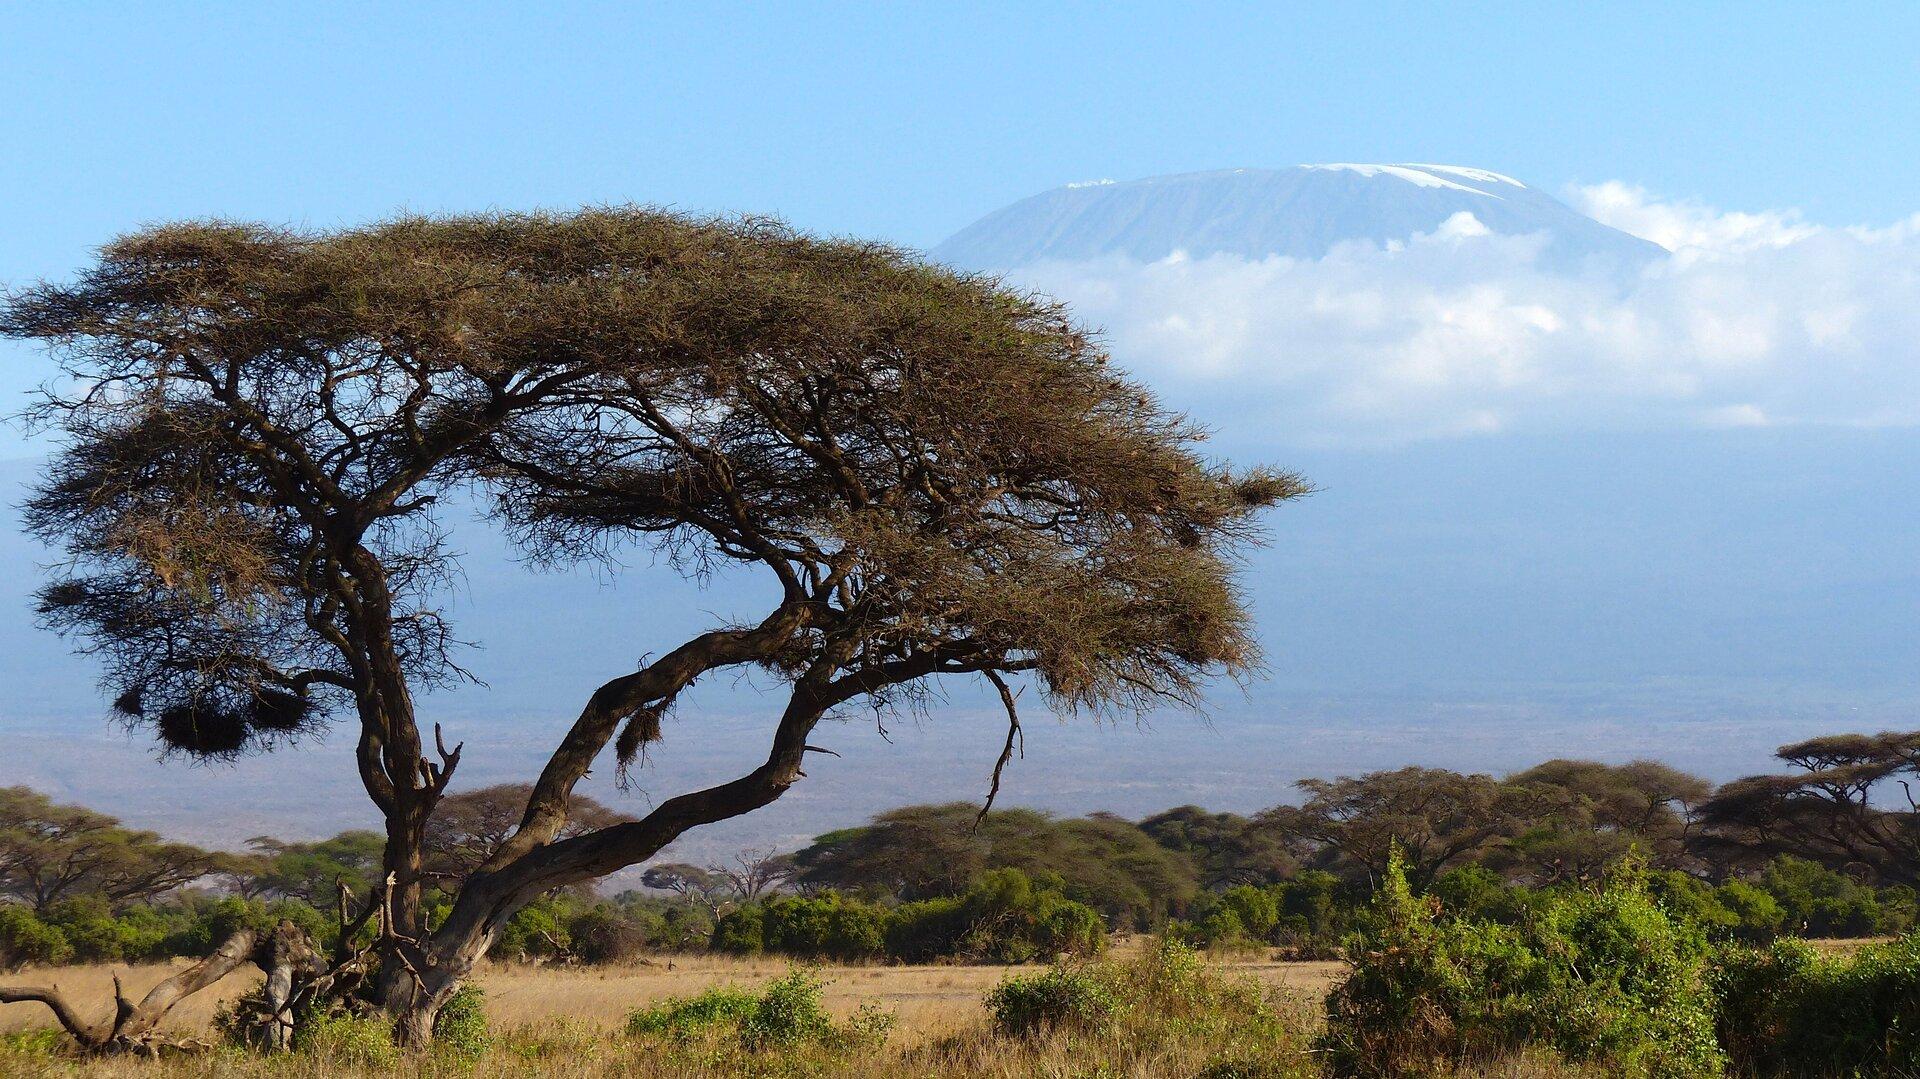 Fotografia prezentuje przykład krajobrazu astrefowego. Na fotografii zlewej strony widoczna rozłożysta akacja; wjej pobliżu rosną krzewy. Na drugim planie liczne drzewa akacjowe oraz krzewy, awtle wysoka góra Kilimandżaro przysłonięta chmurami.